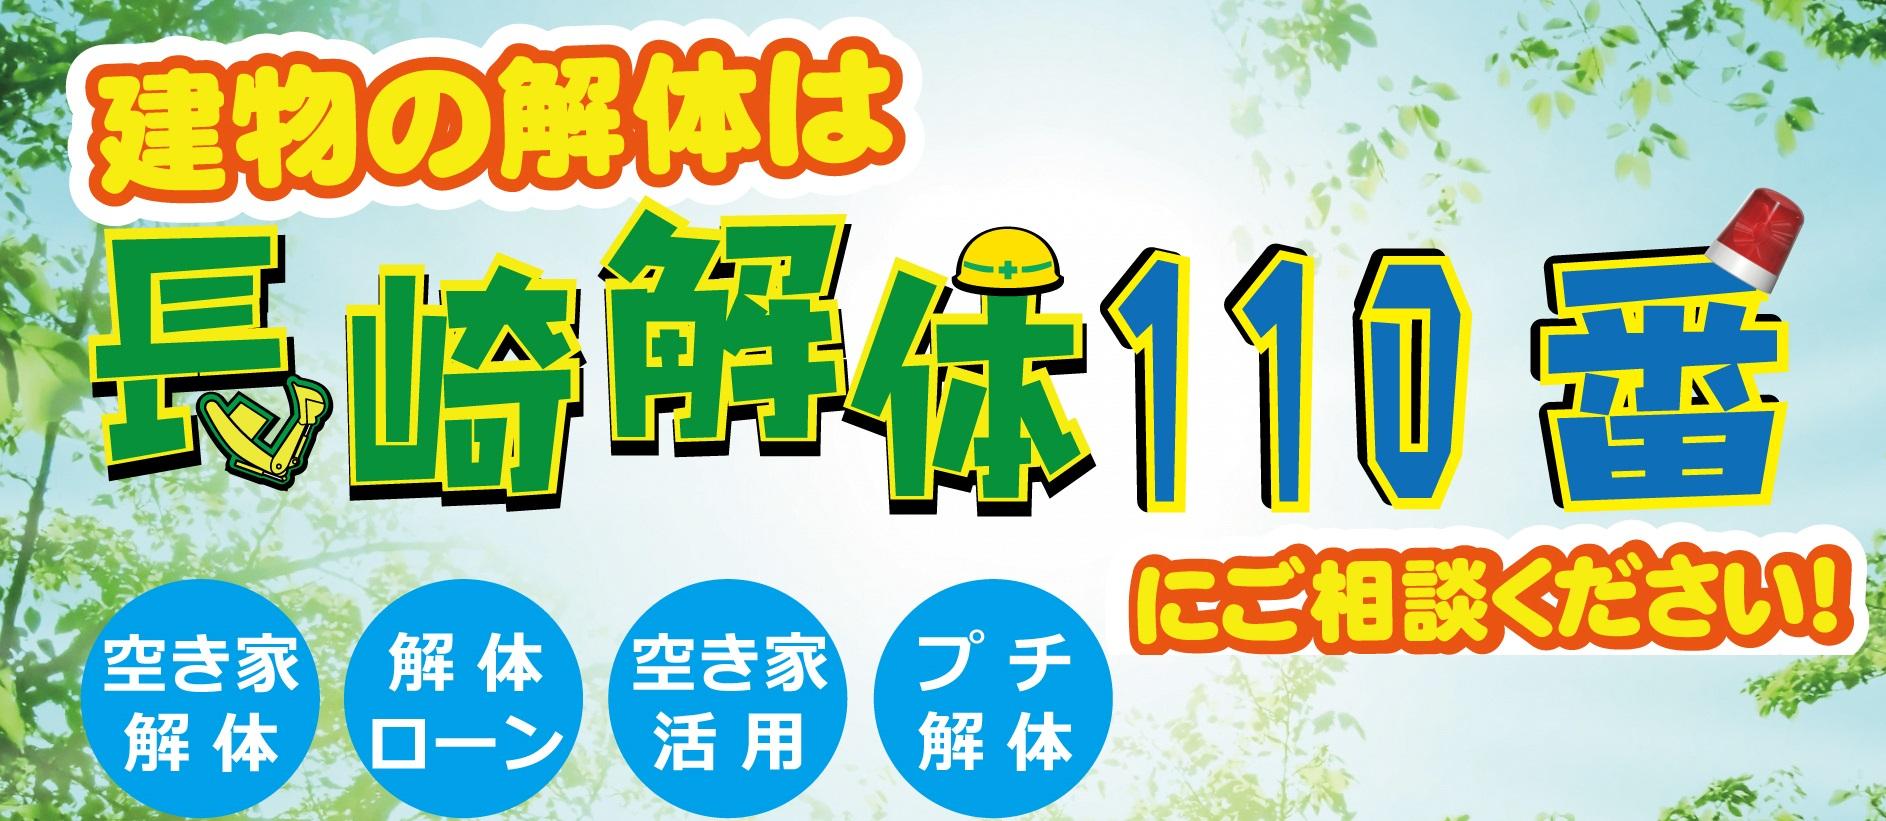 長崎解体110番|解体専門の㈱近藤組【長崎全域対応】